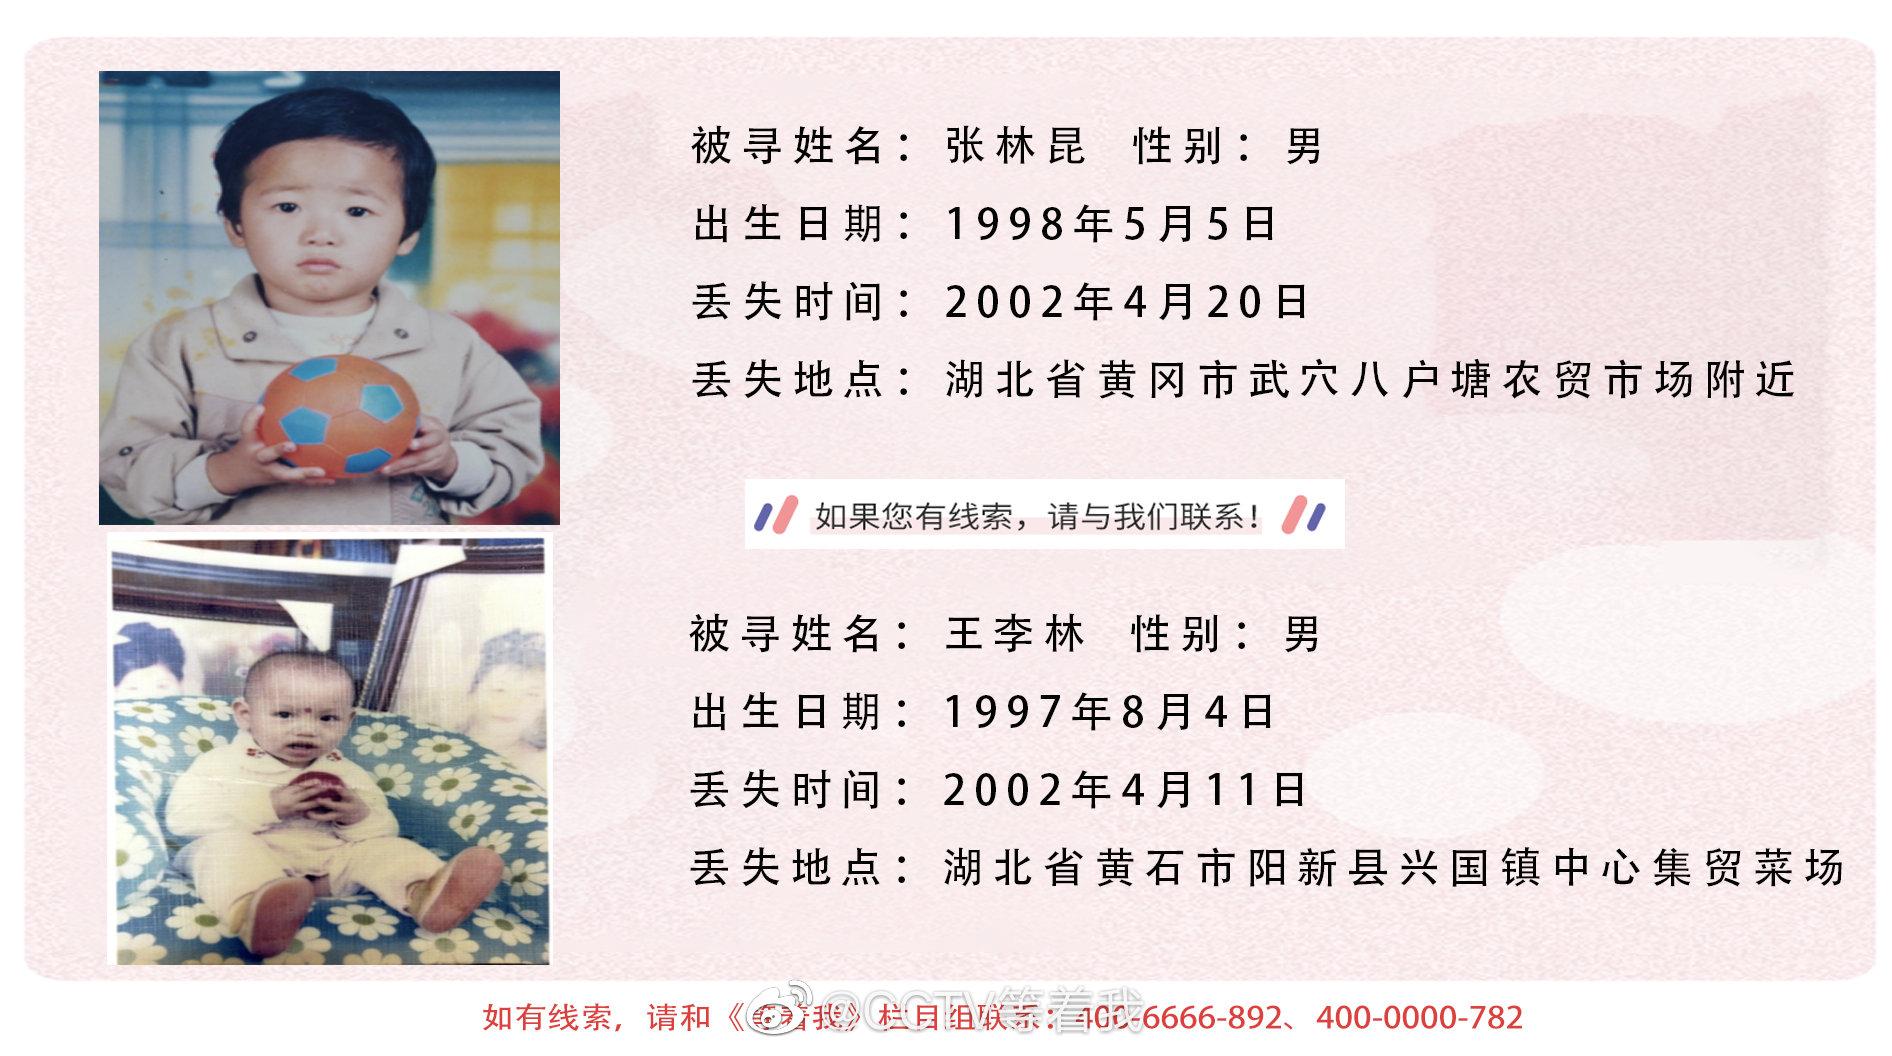 2002年至2003年,湖北省发生拐卖大案,11名儿童被拐